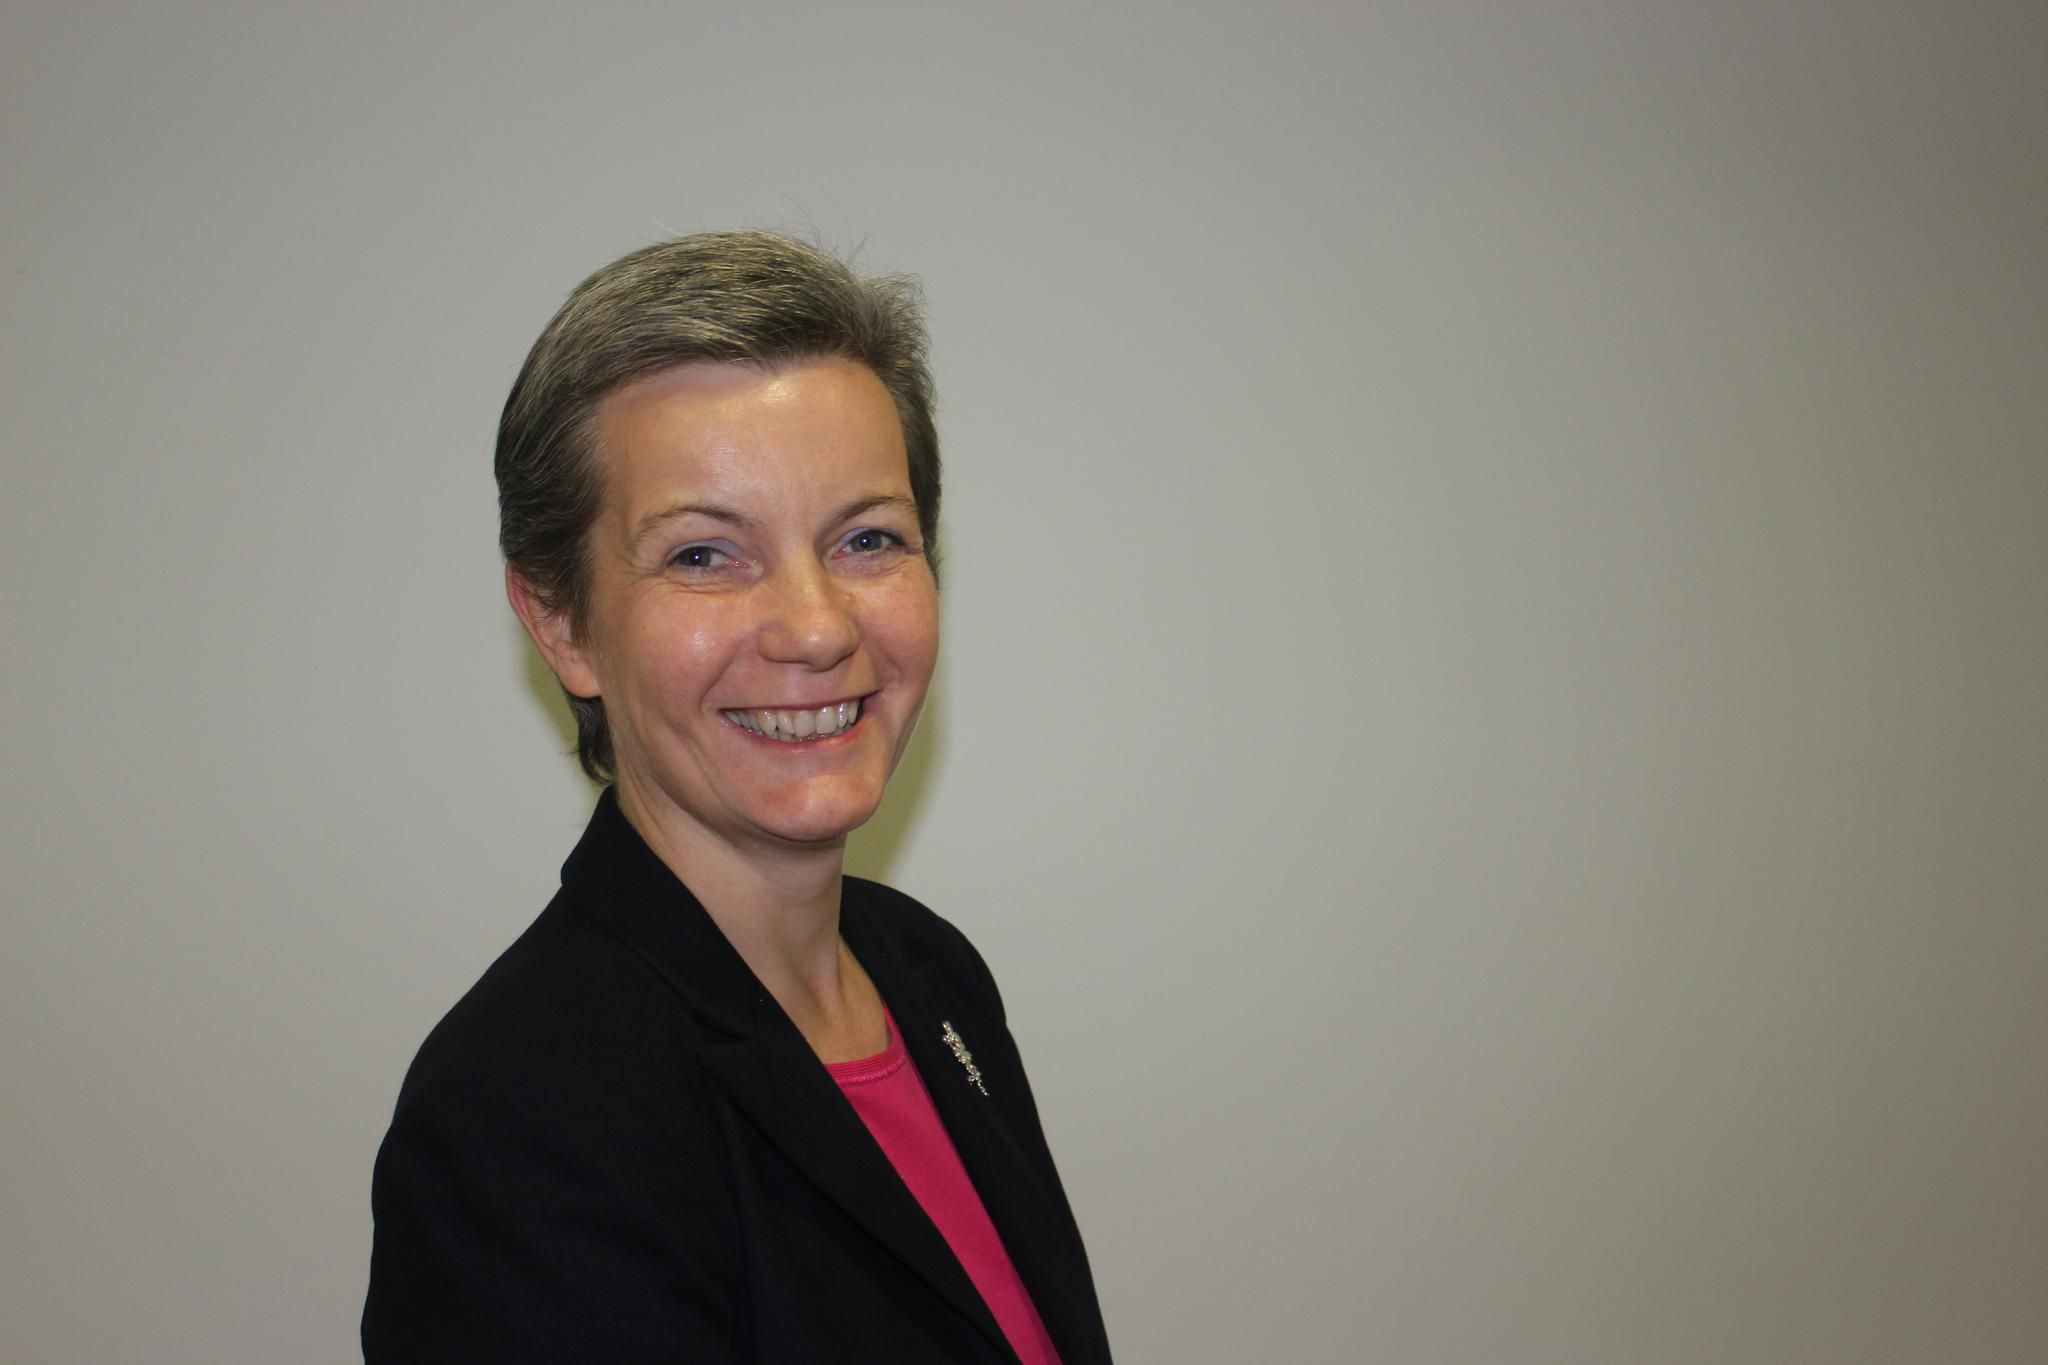 Andrea Sutcliffe CBE